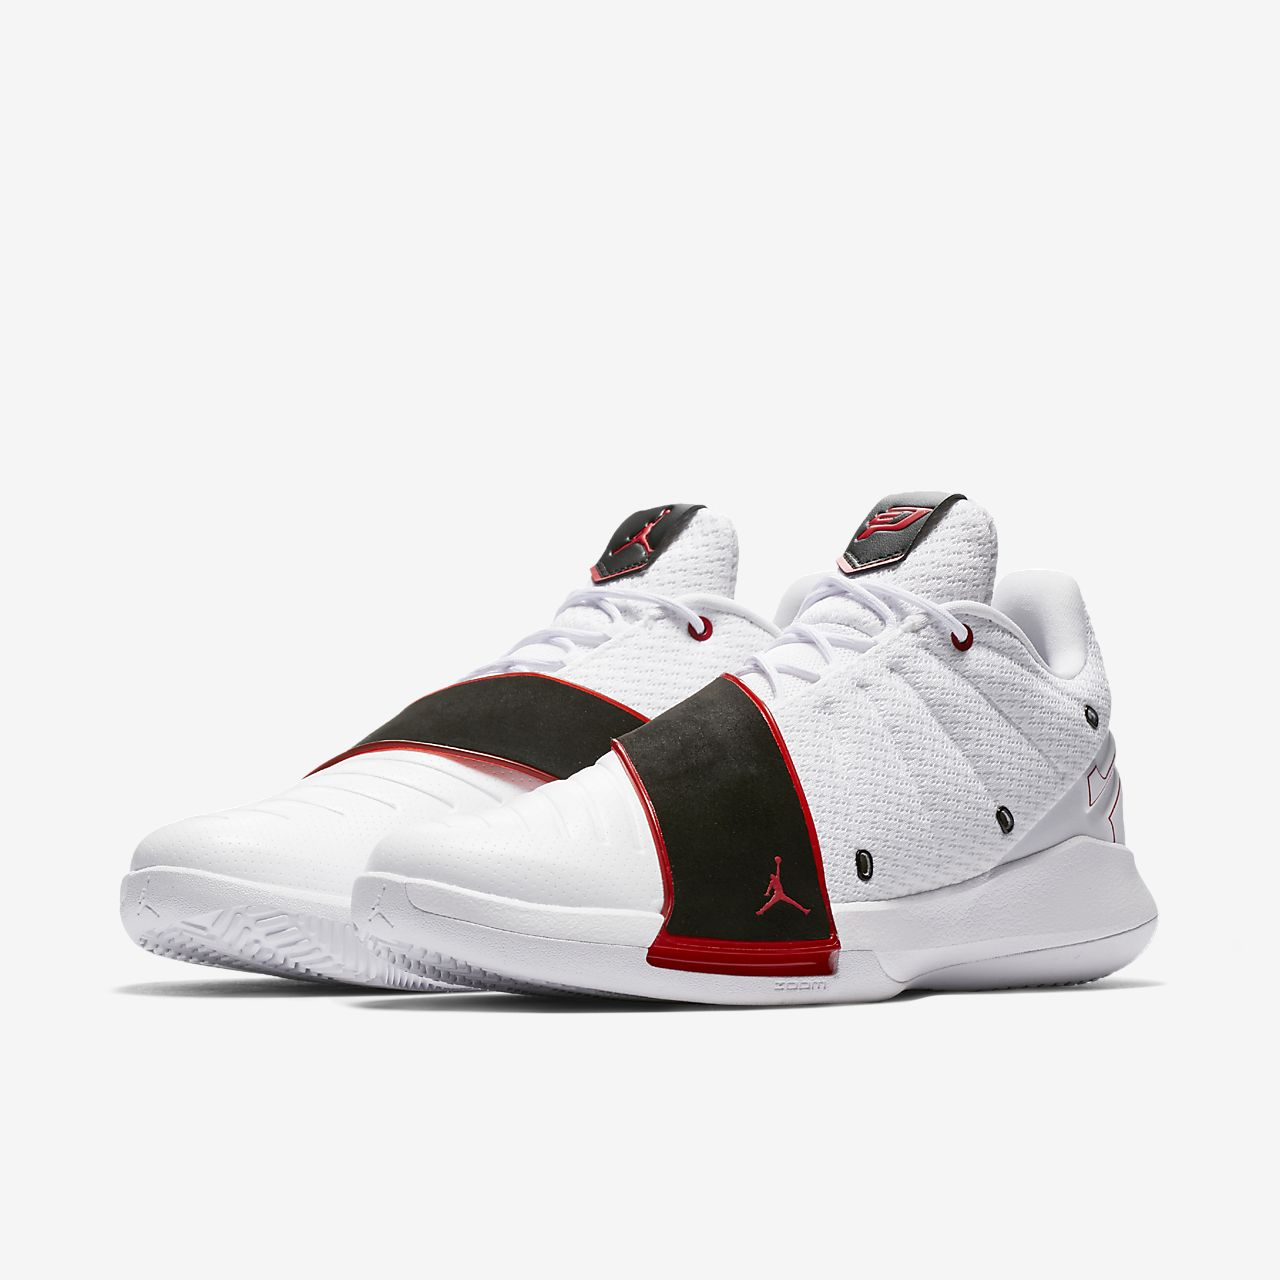 Jordan RELENTLESS - Basketball shoes - white/black/university red fNb234f